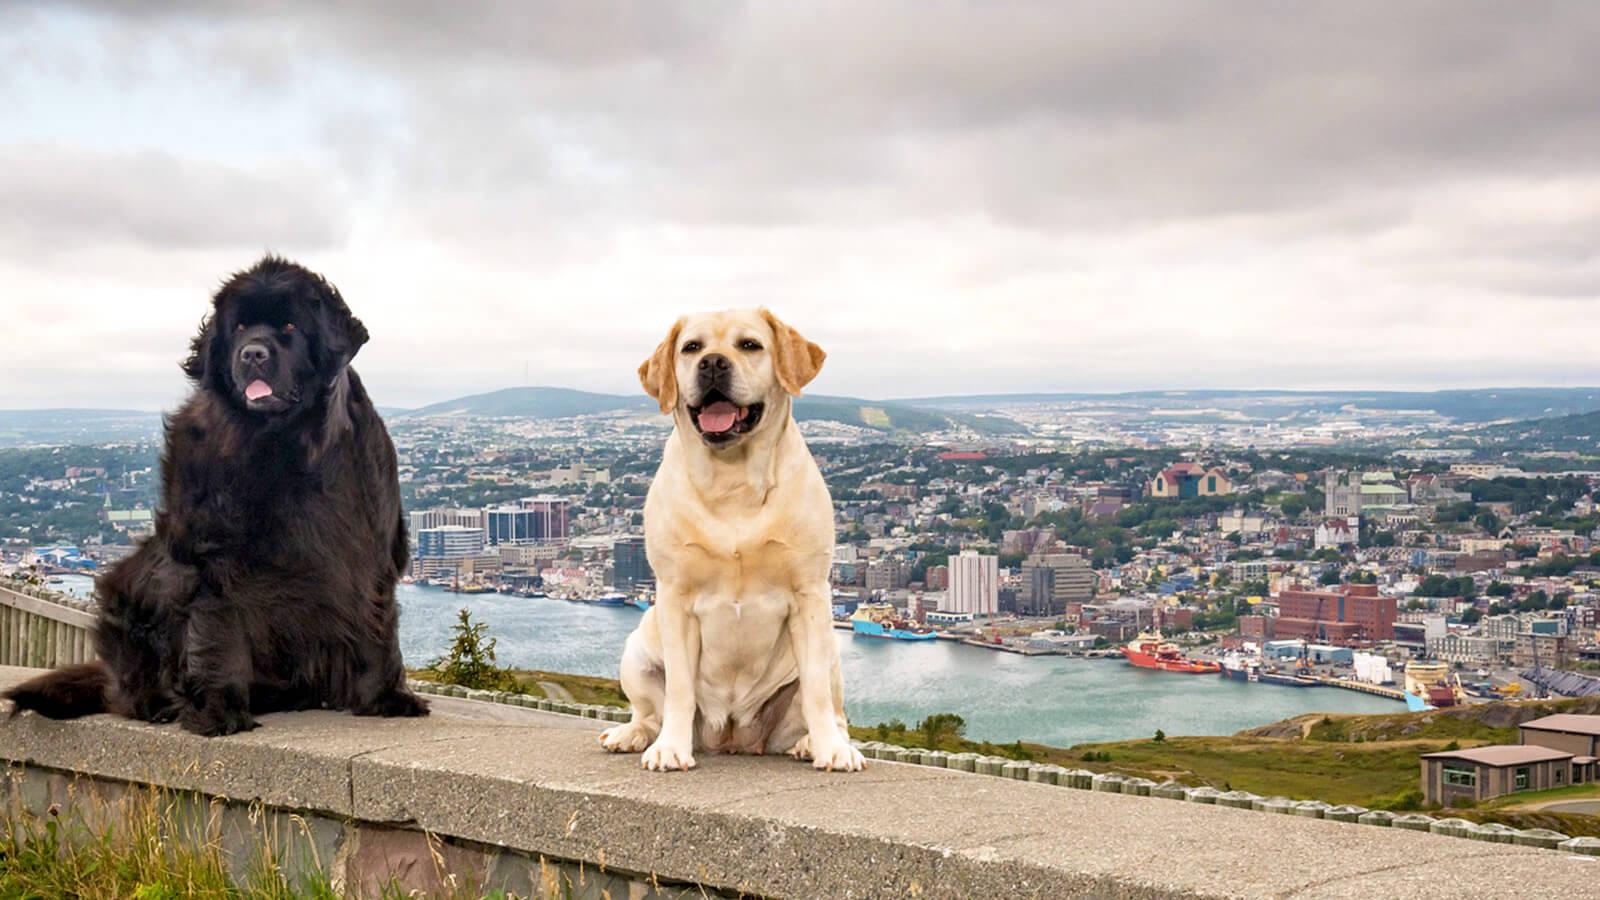 Pet Friendly Hotels in St. John's - image